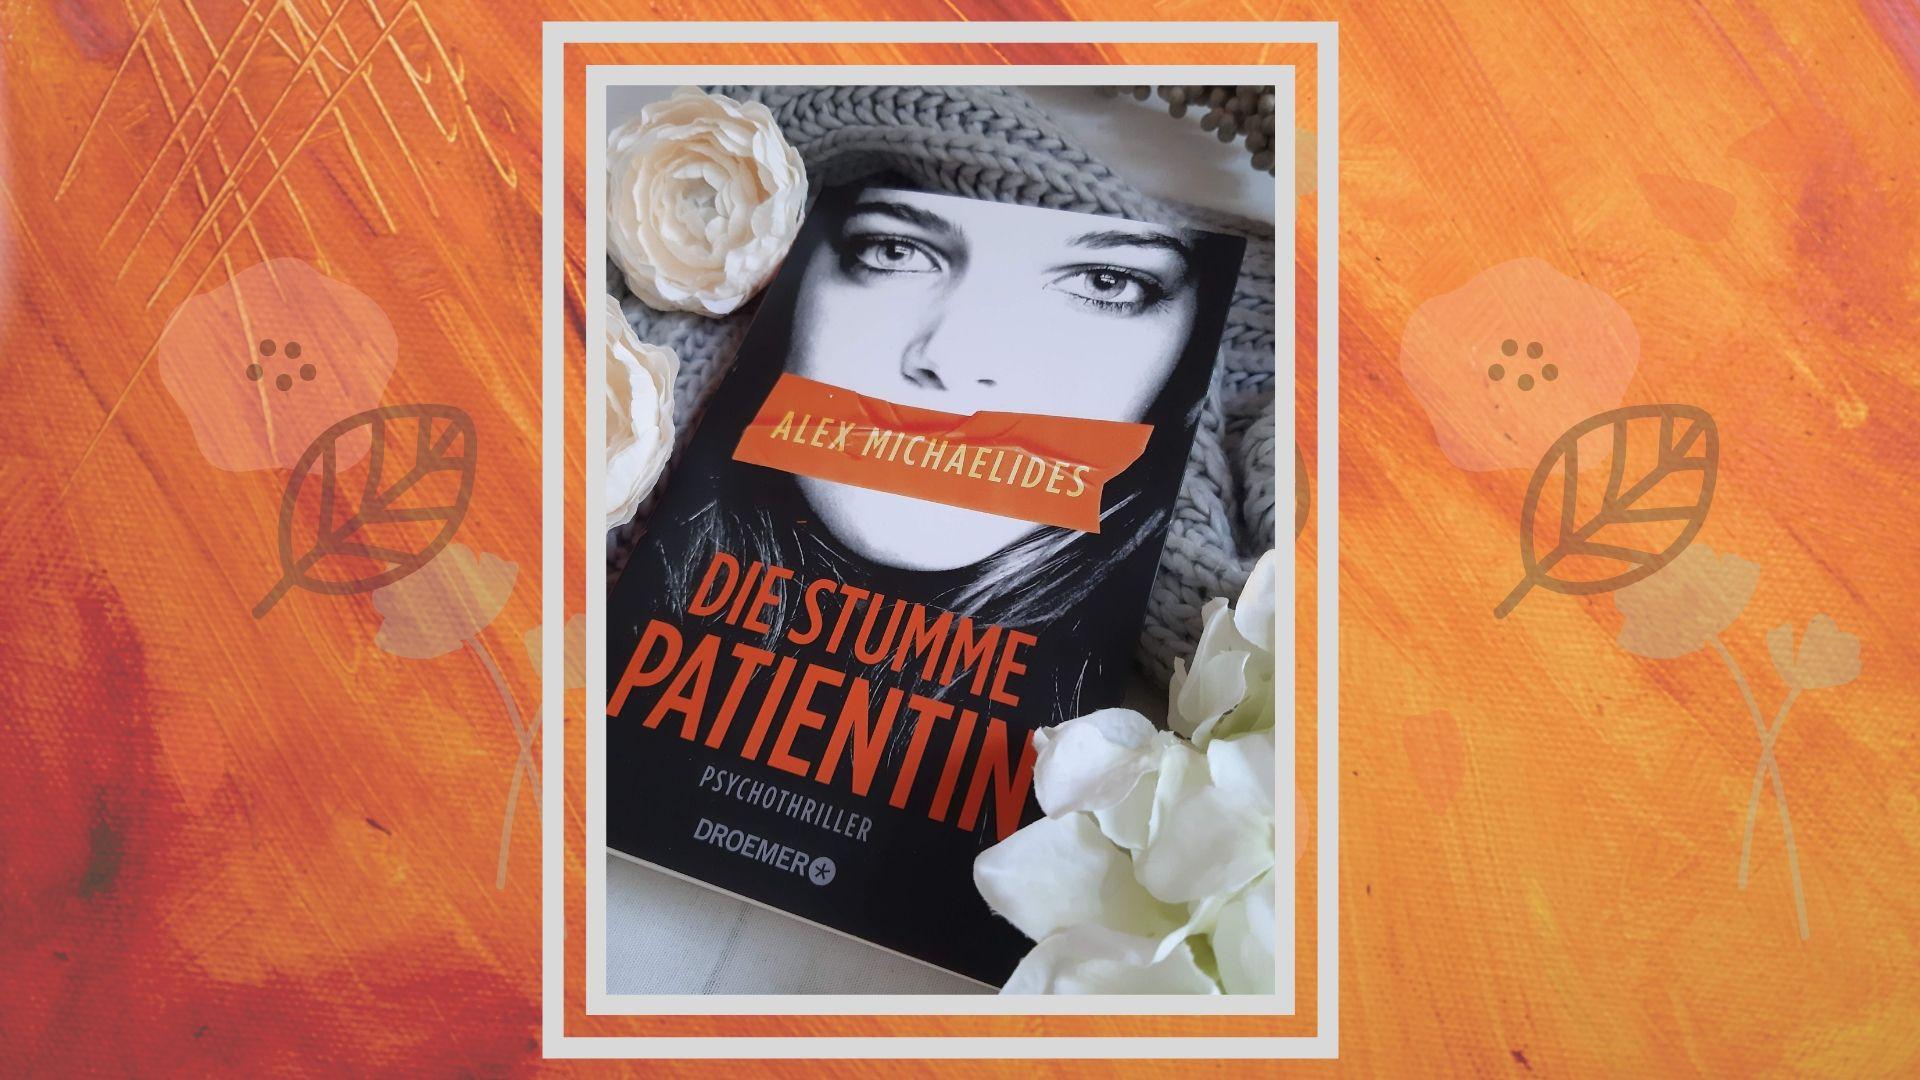 Alex Michaelides – Die stumme Patientin